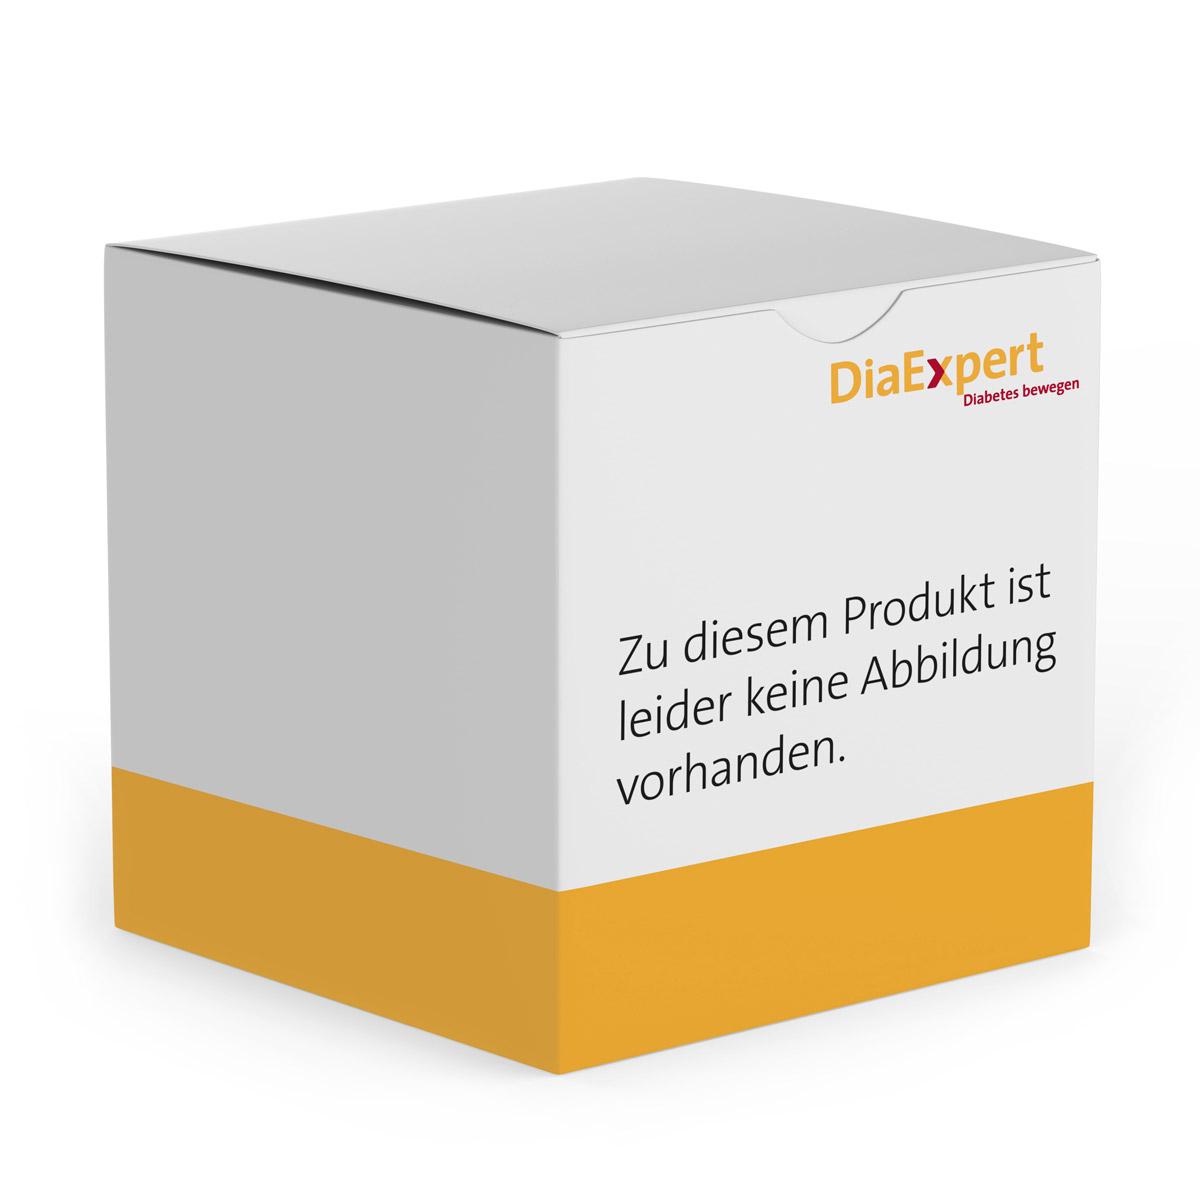 GlucoMen LX Plus Glu / Ket control Hoch Kontrolllösung